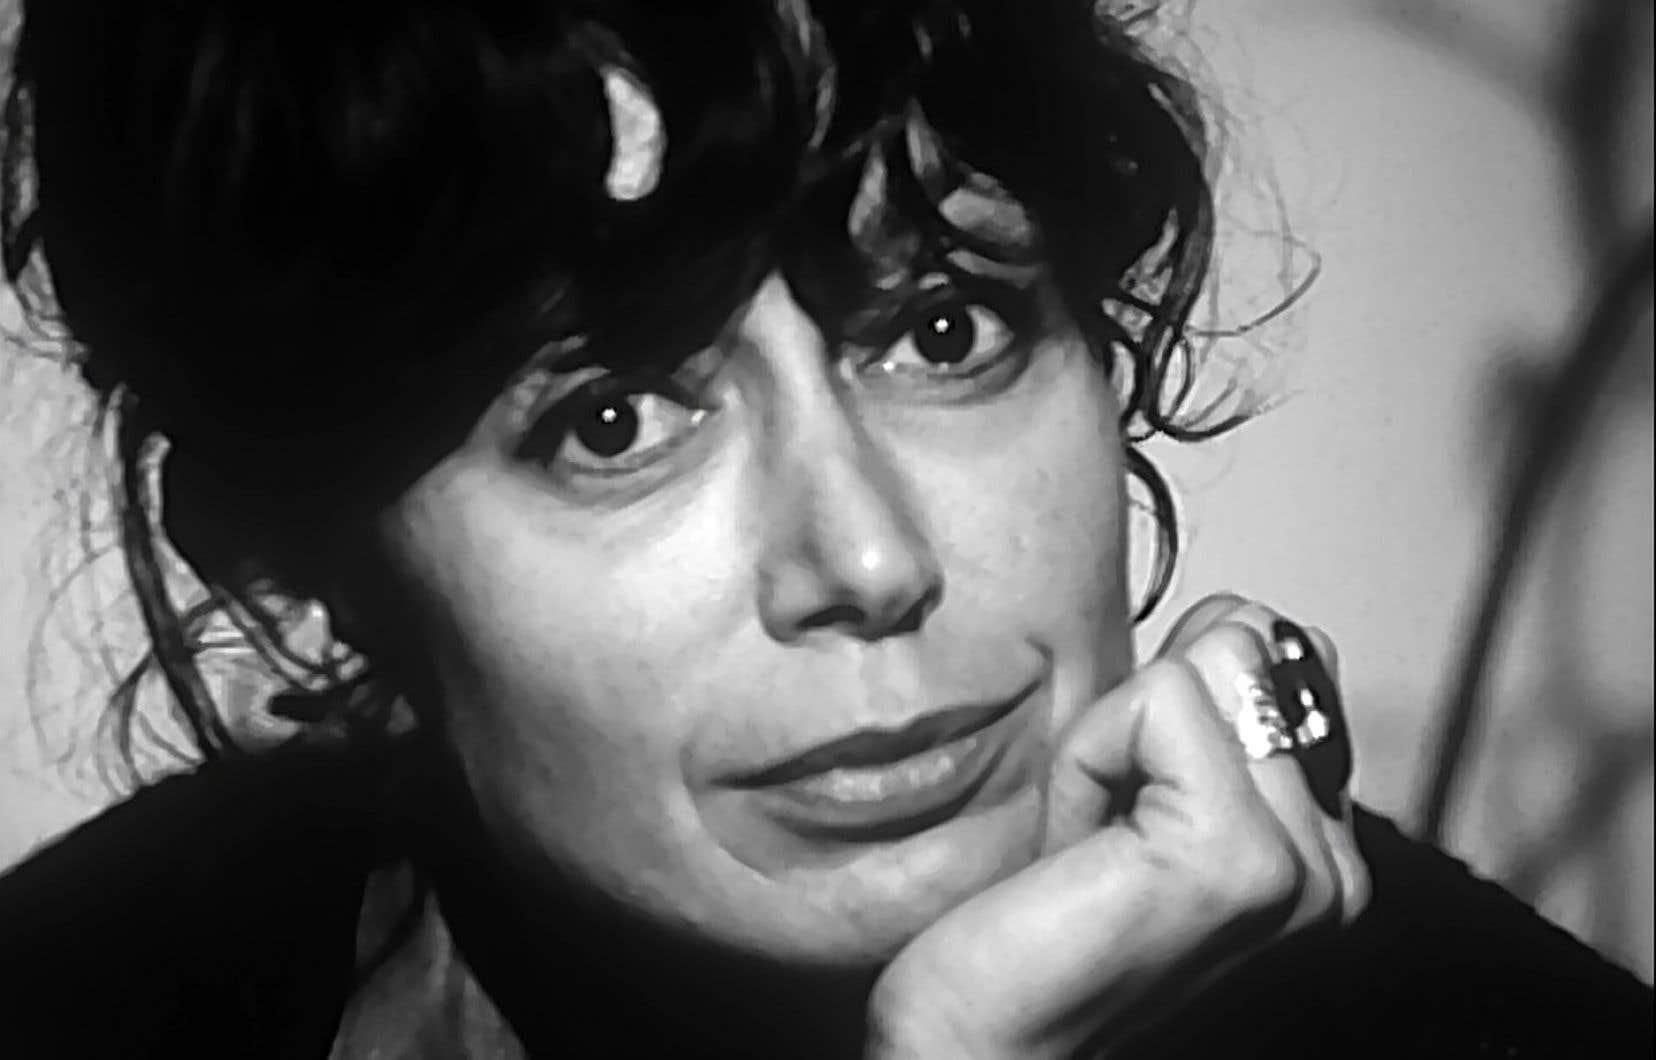 <p>Placée devant un monument, la cinéaste a trouvé en Pauline Julien bien plus qu'un sujet à biographie édifiante.</p>